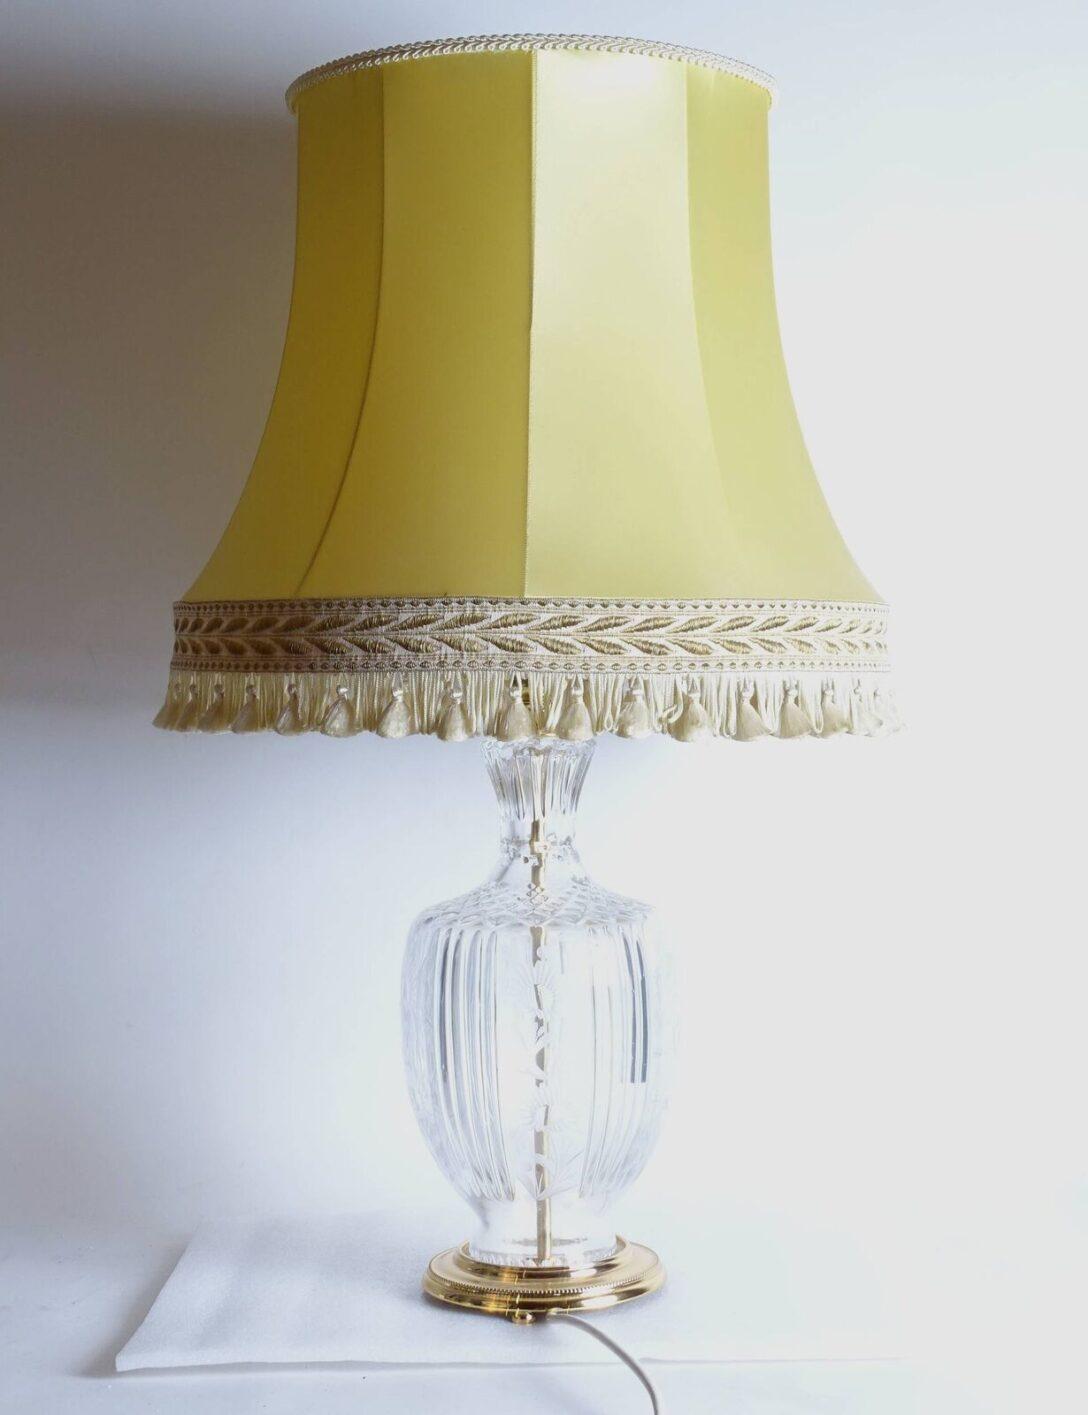 Large Size of Kristall Stehlampe Antike Shabby Chic Glas Korpus Wohnzimmer Schlafzimmer Stehlampen Wohnzimmer Kristall Stehlampe